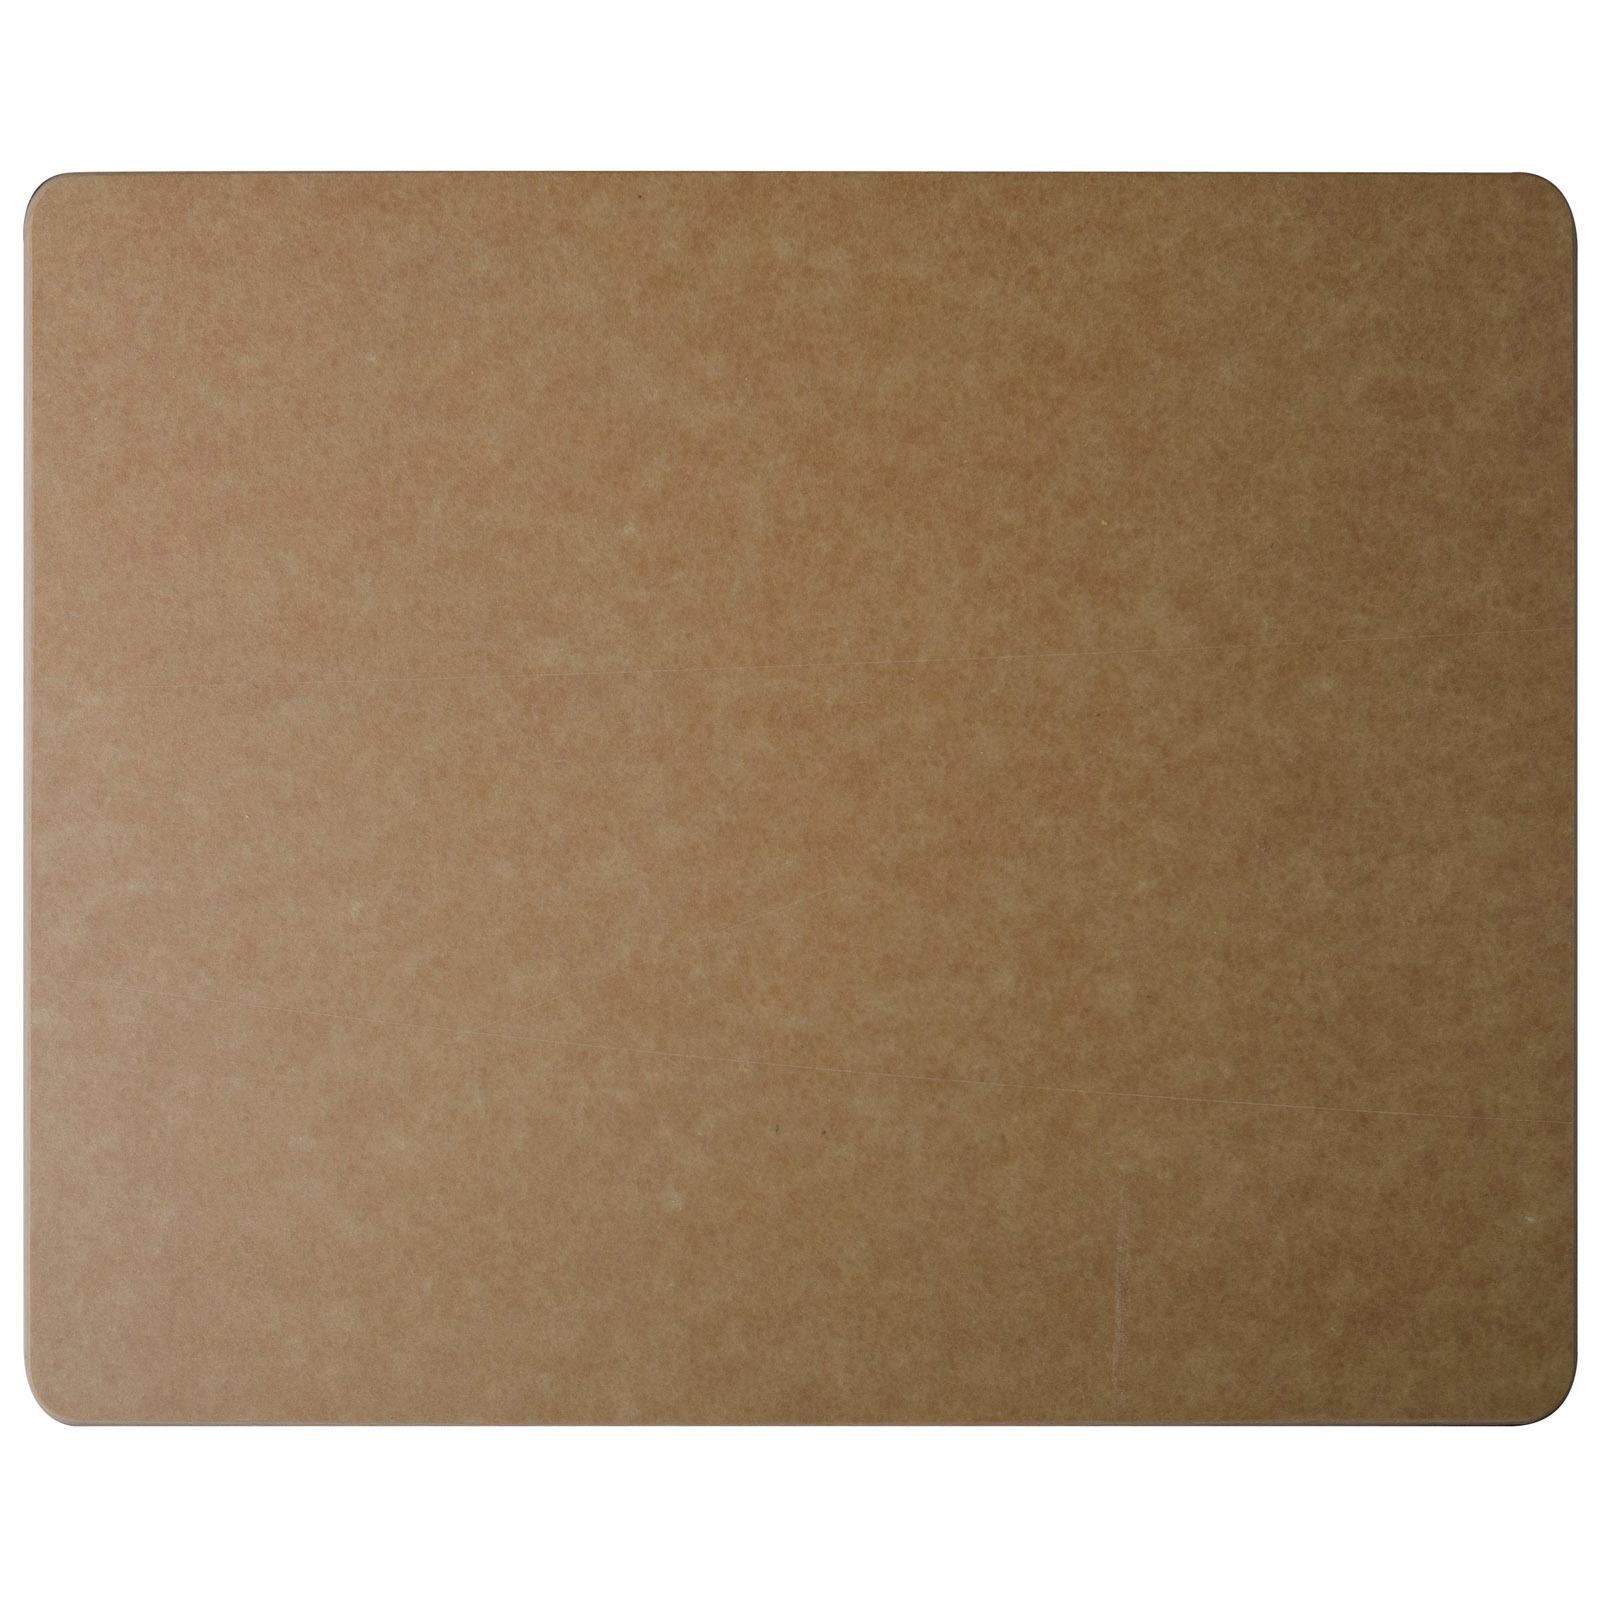 San Jamar TC152012 cutting board, plastic